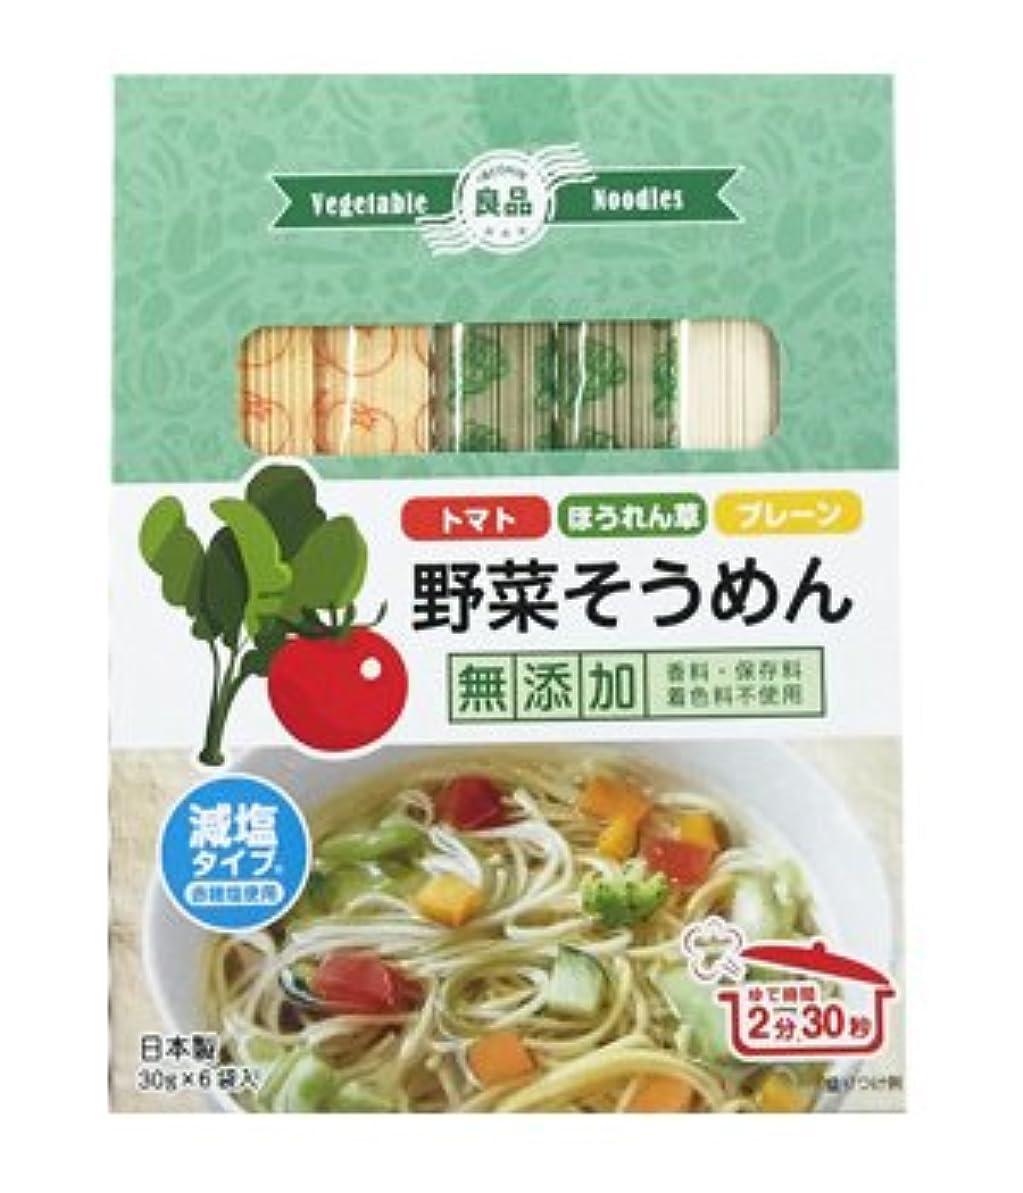 構成員差別化する離す良品 野菜そうめん(トマト?ほうれん草?プレーン) 30g×6袋入